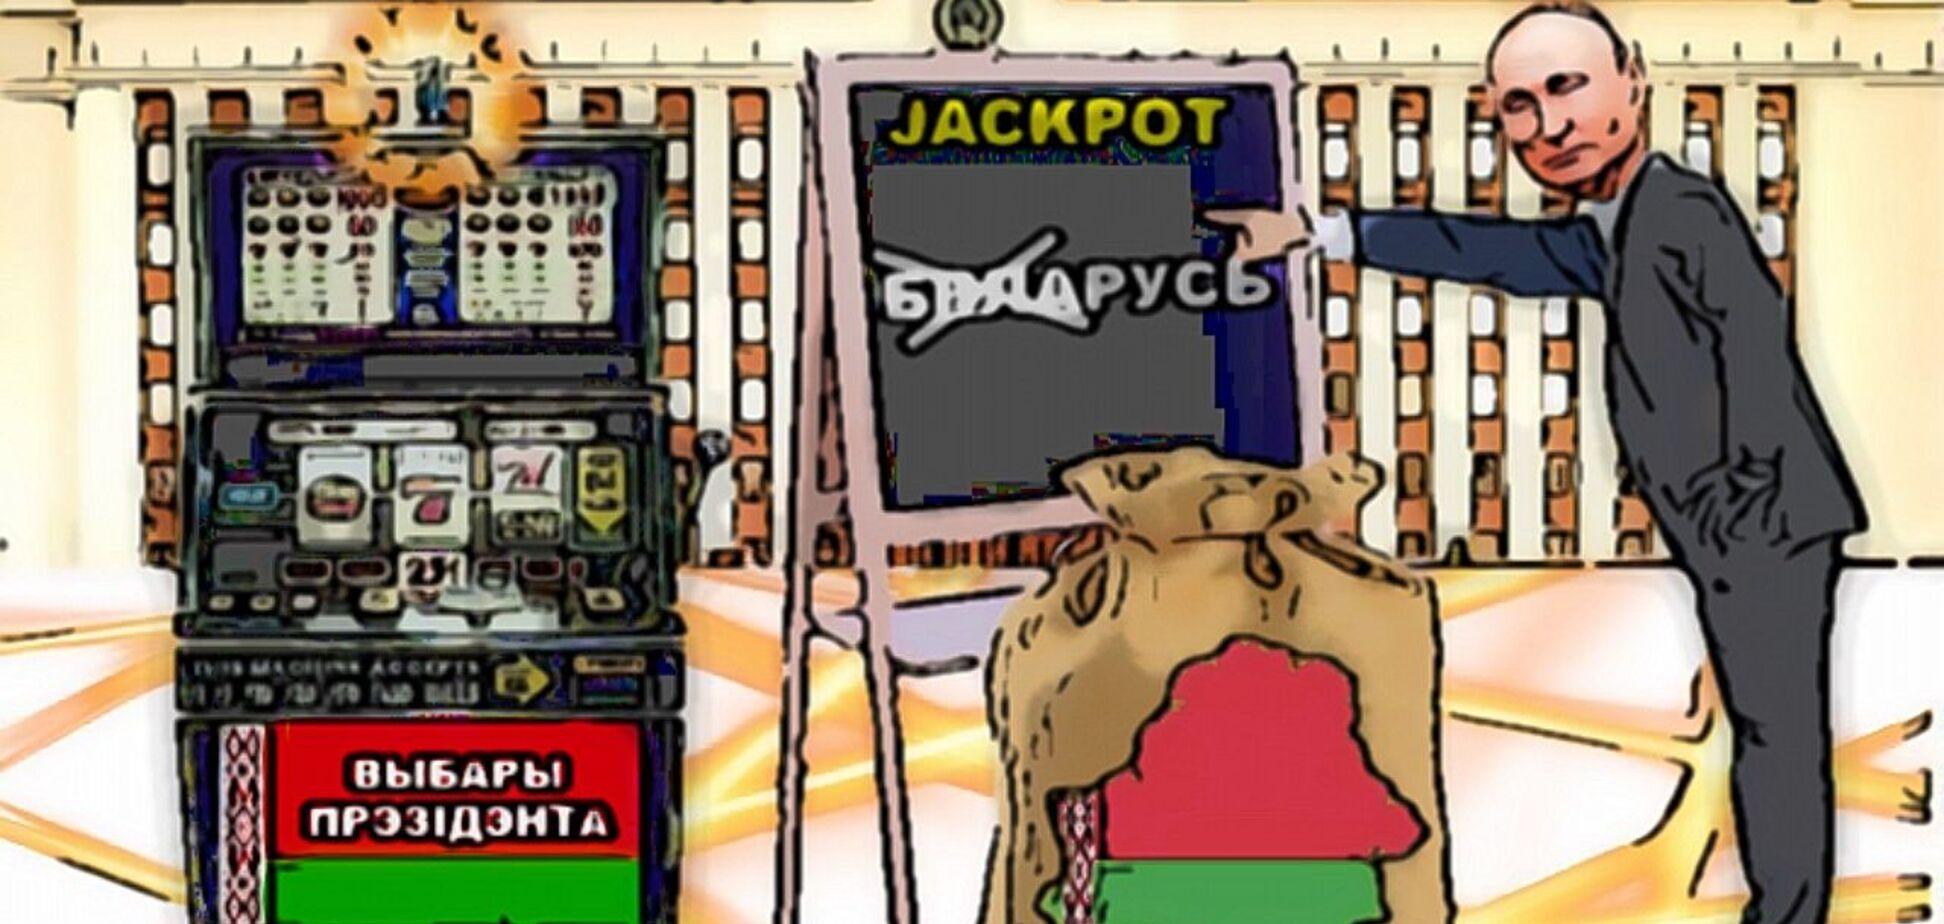 Белорусское казино для России: без ставок, но с имперскими претензиями на 'джекпот'